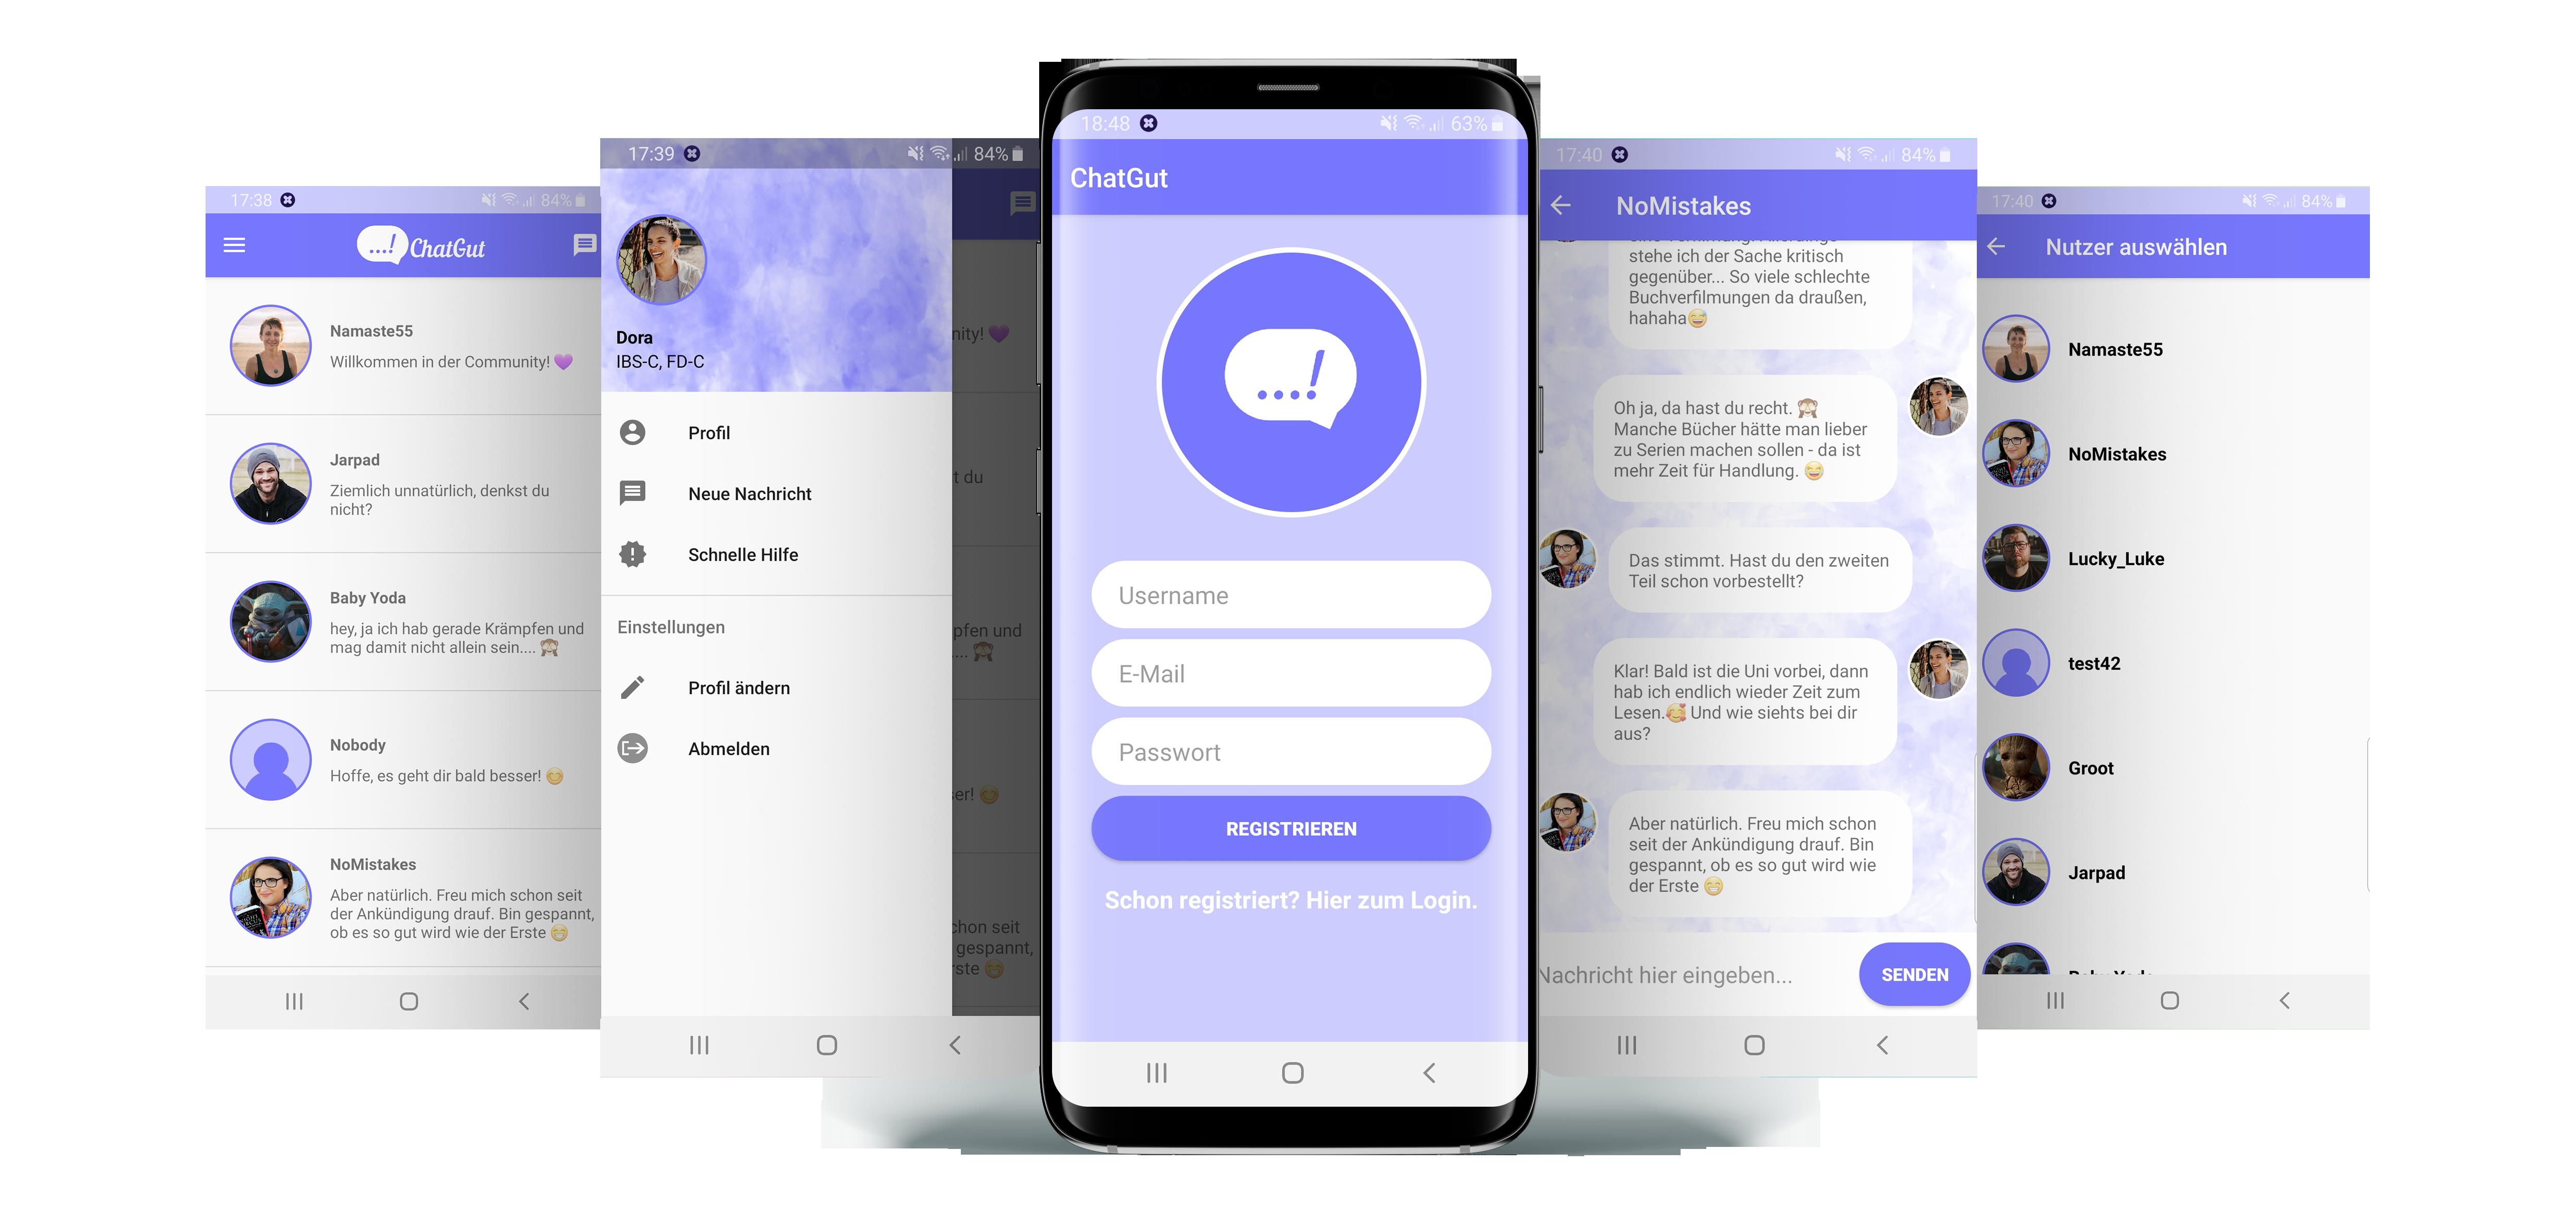 Anzeige verschiedener Funktionsansichten der App ChatGut.